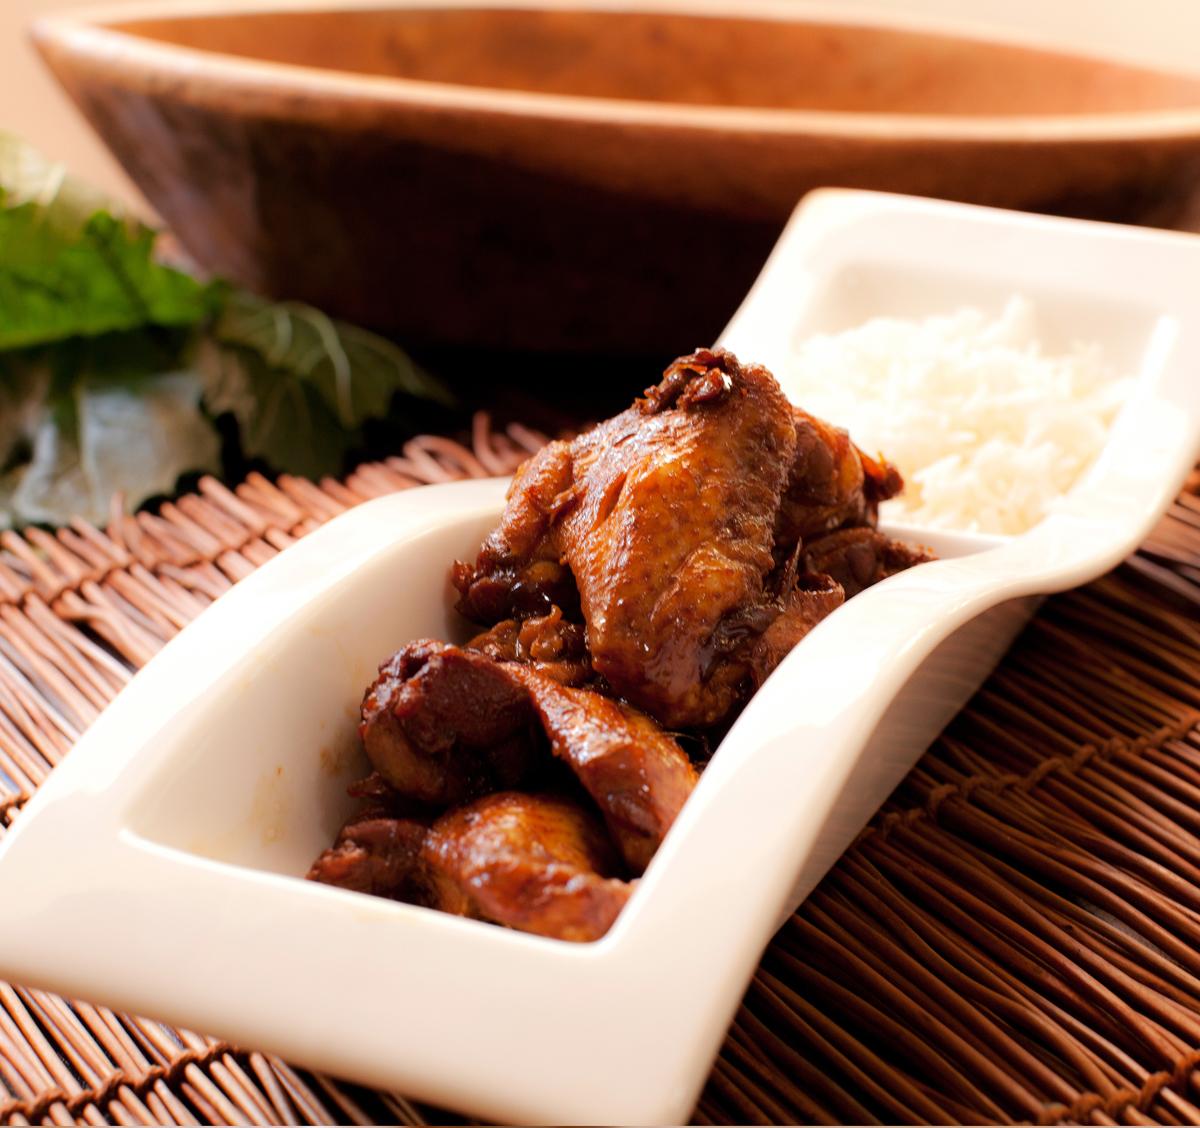 φτερούγες κοτόπουλου με σάλτσα σόγιας